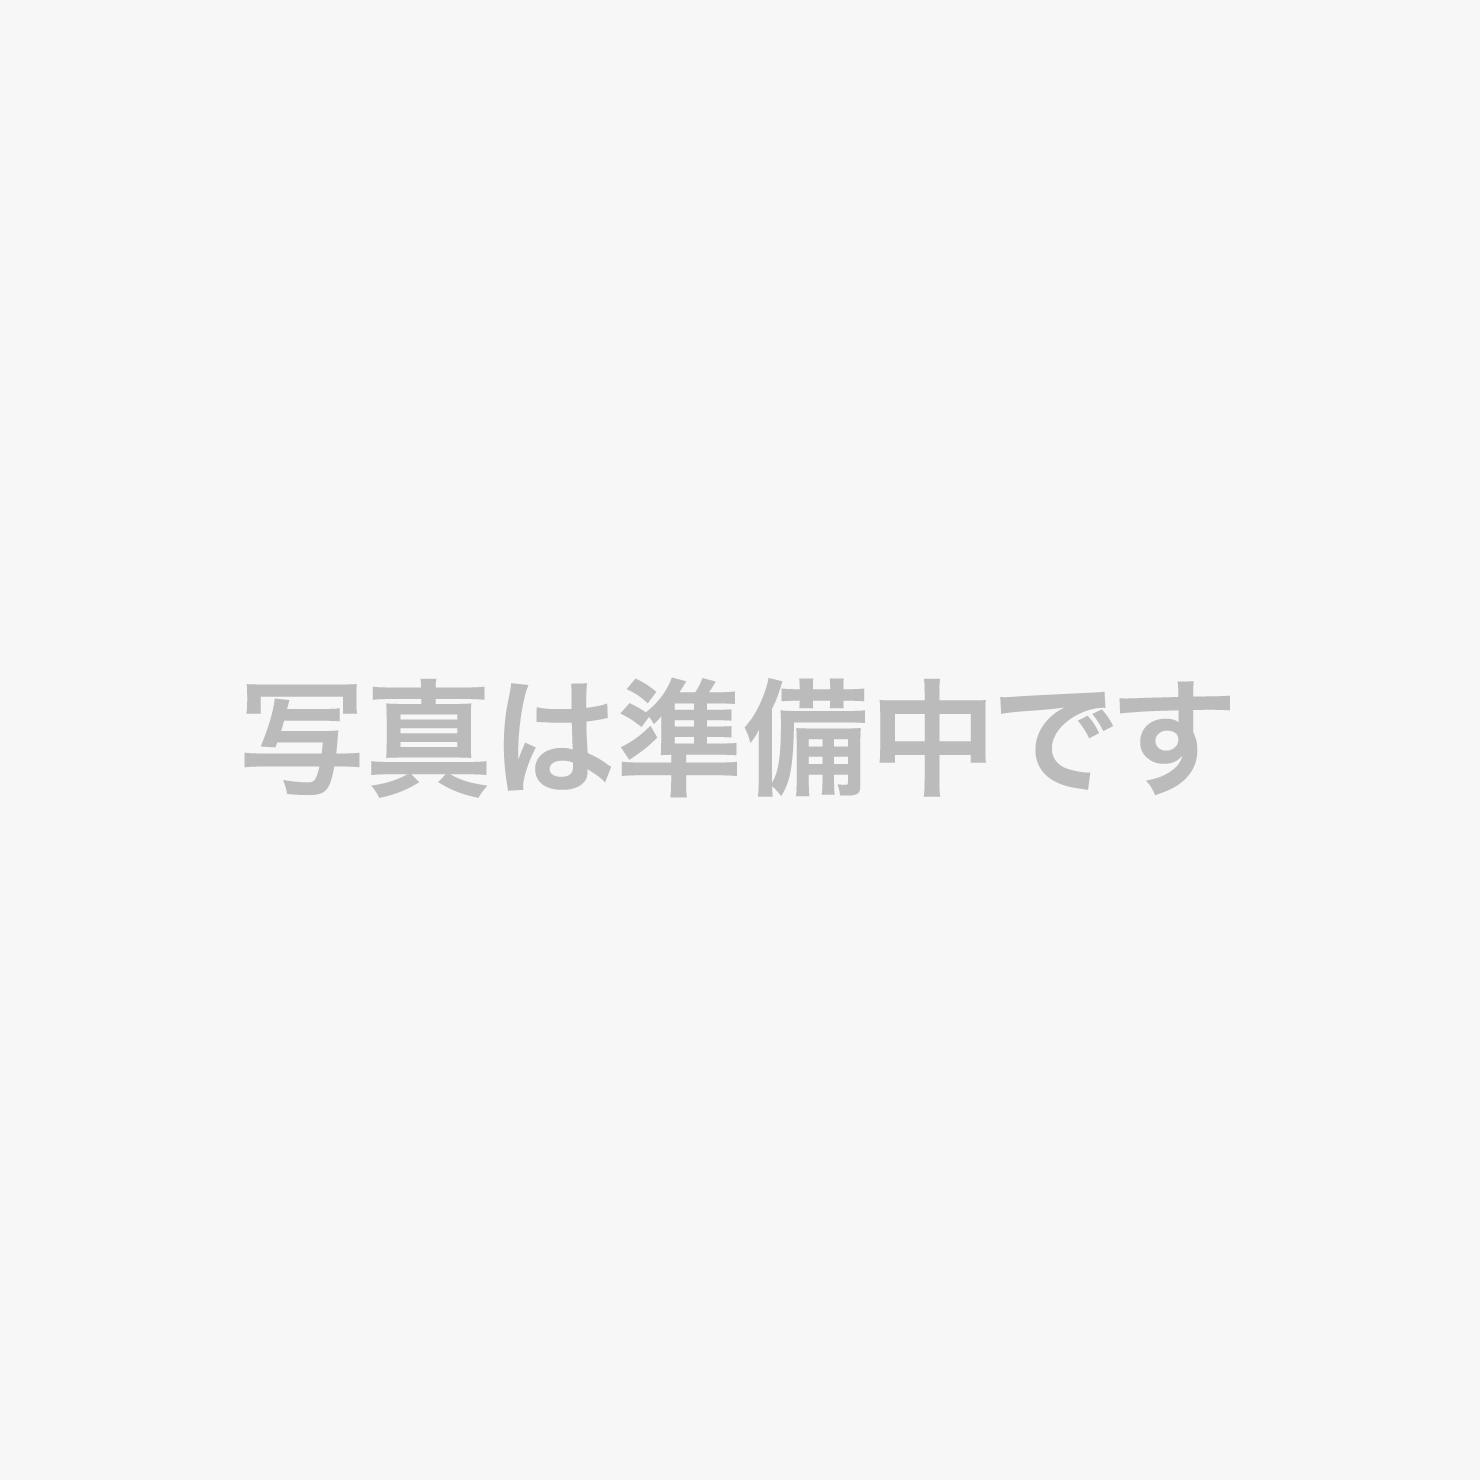 【カモイパーキング】徒歩4分